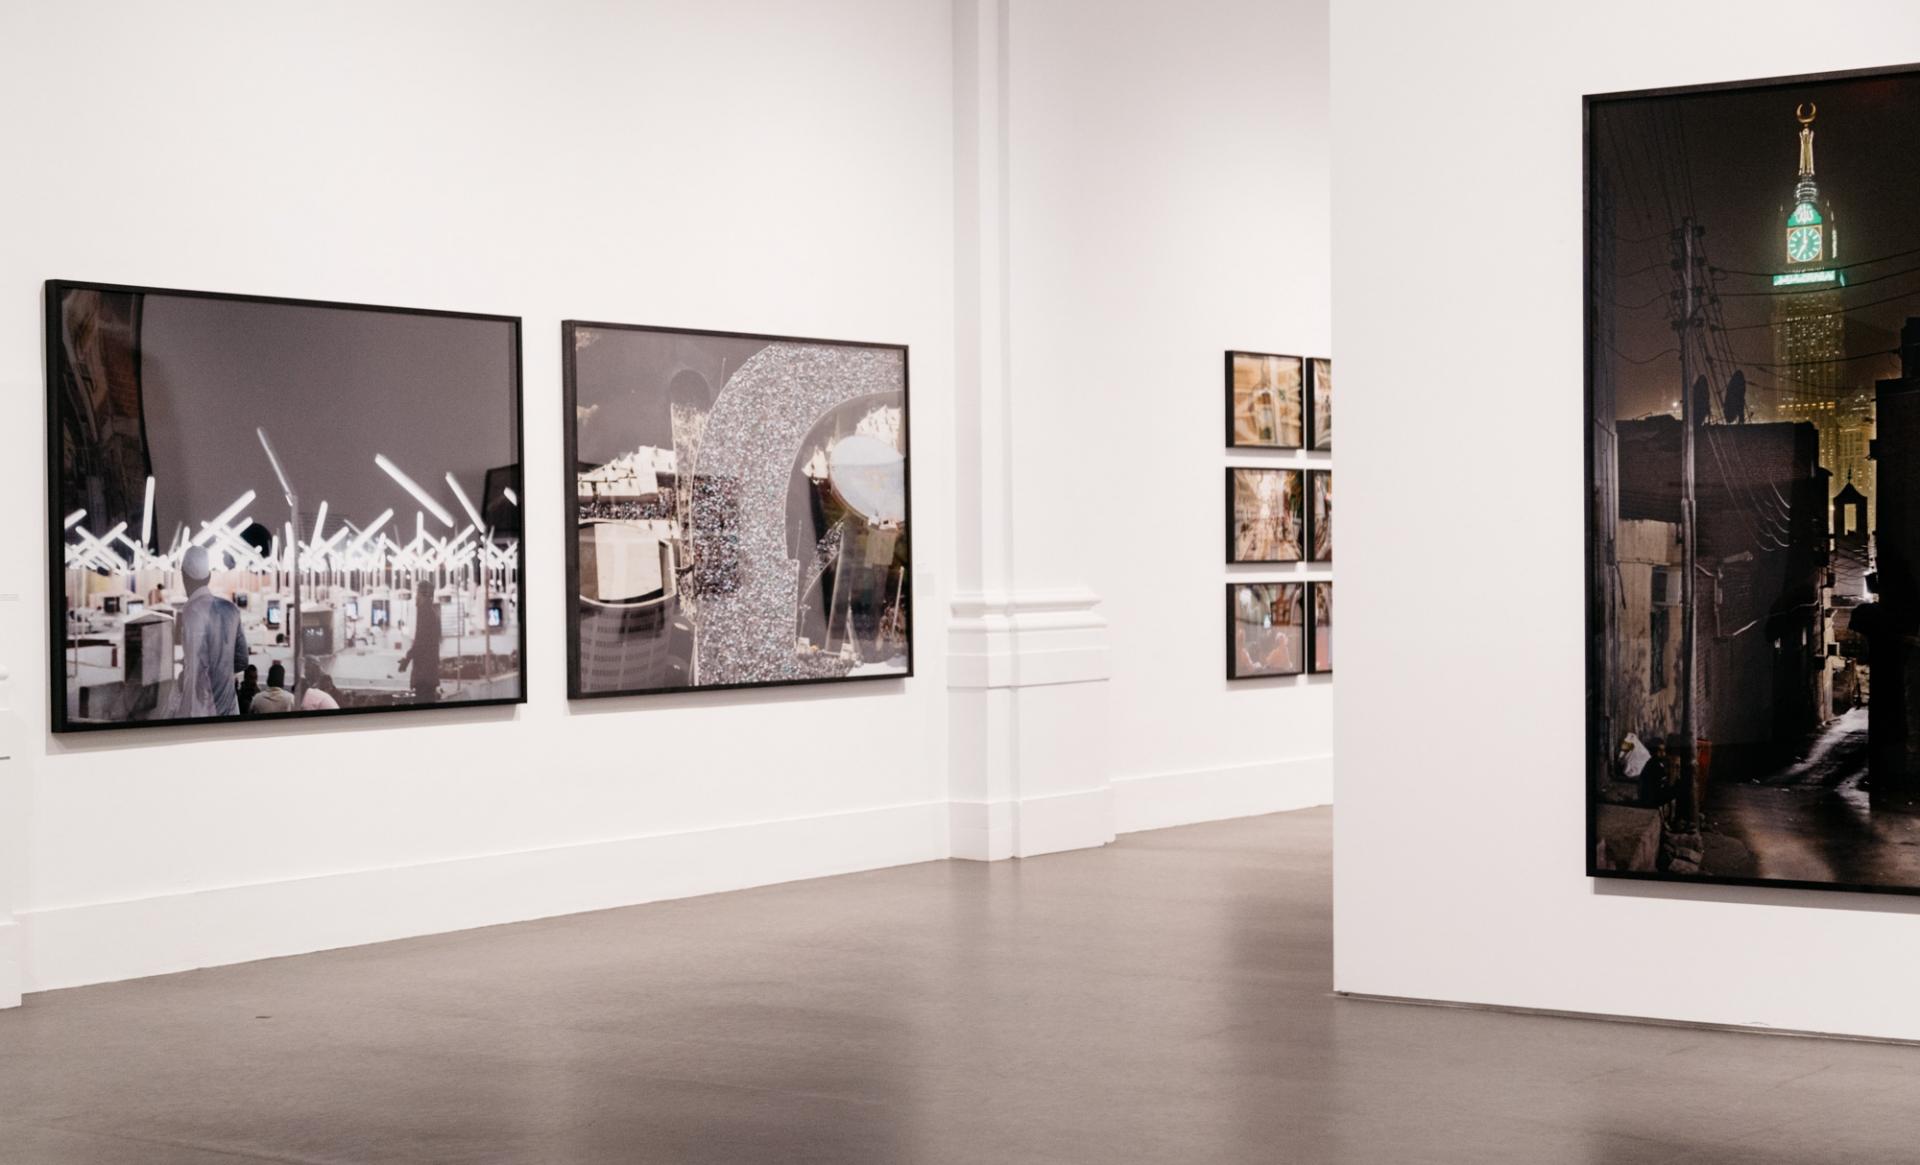 Helga Traxler Brooklyn Museum Opening Ahmed Mater